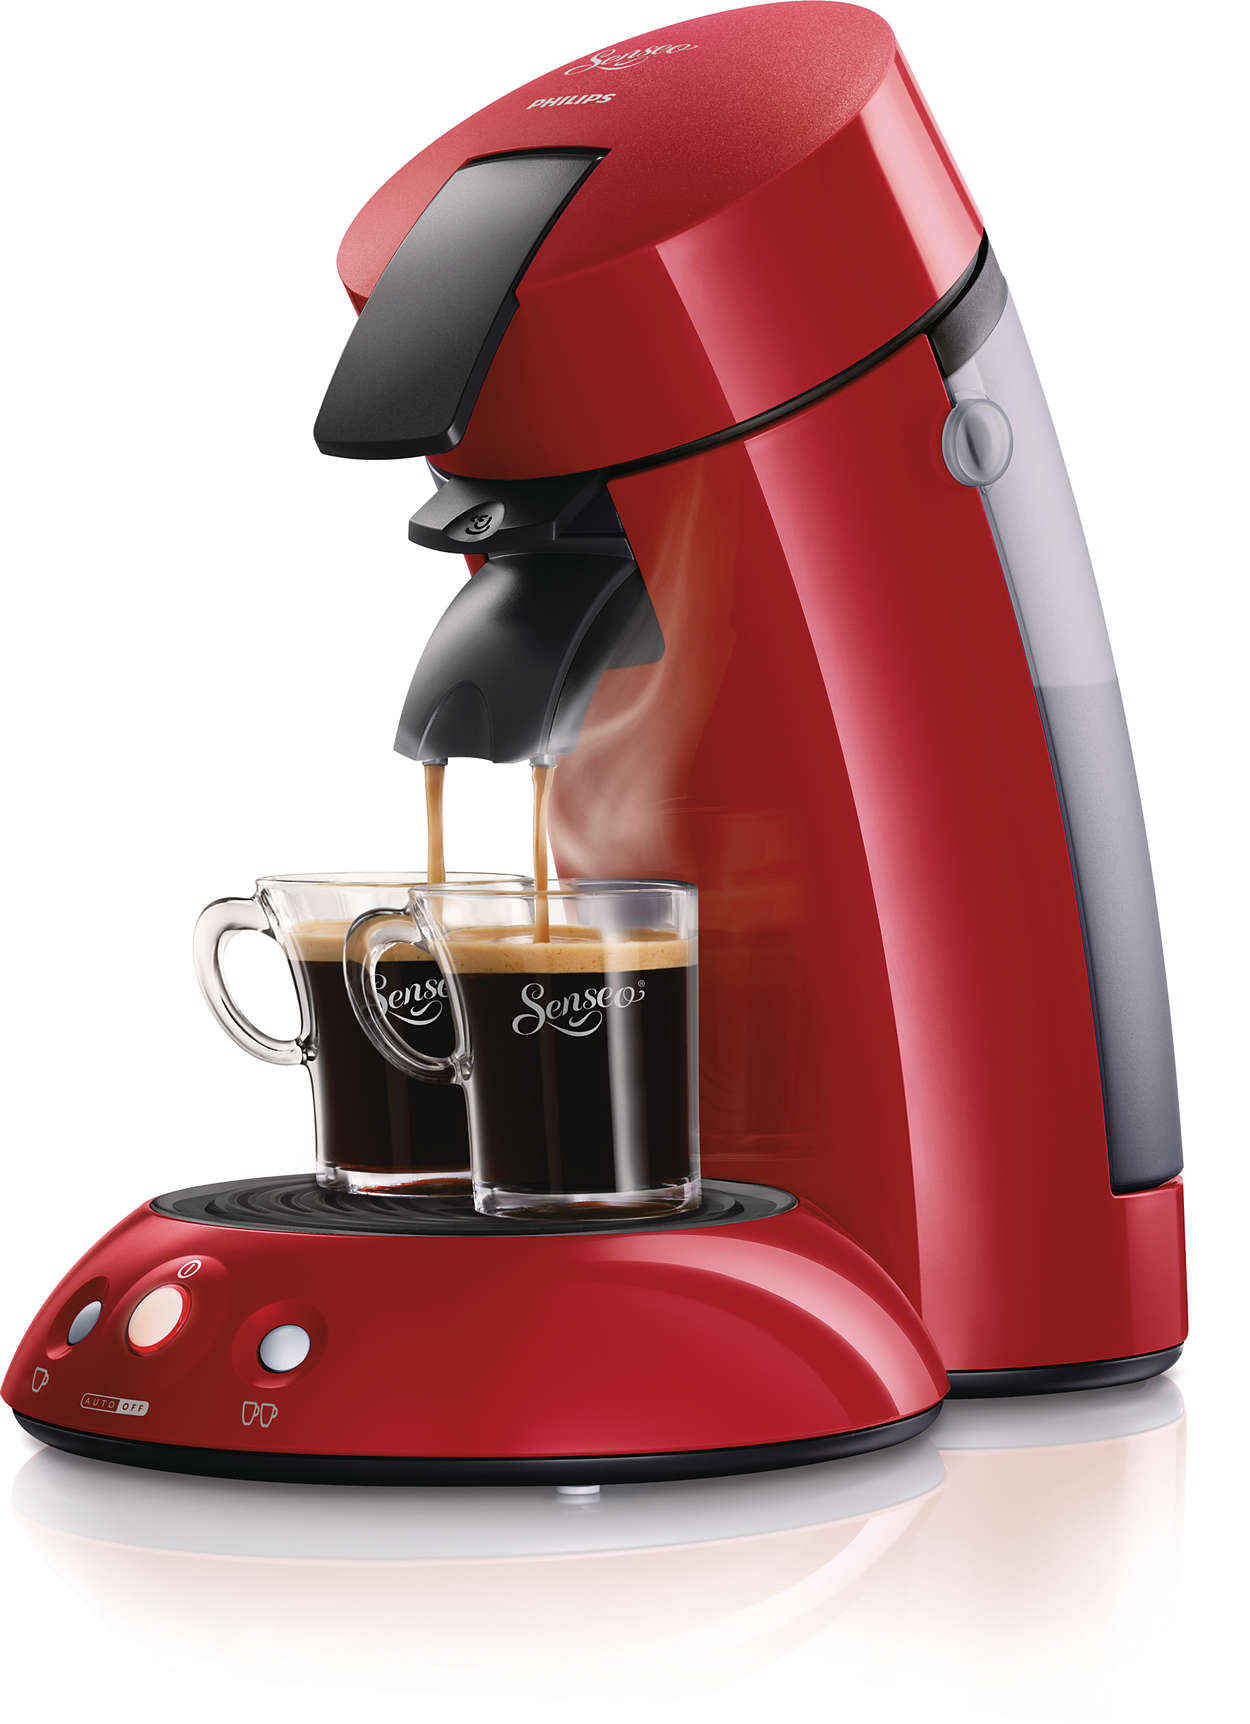 Tiesiog mėgaukitės savo kava